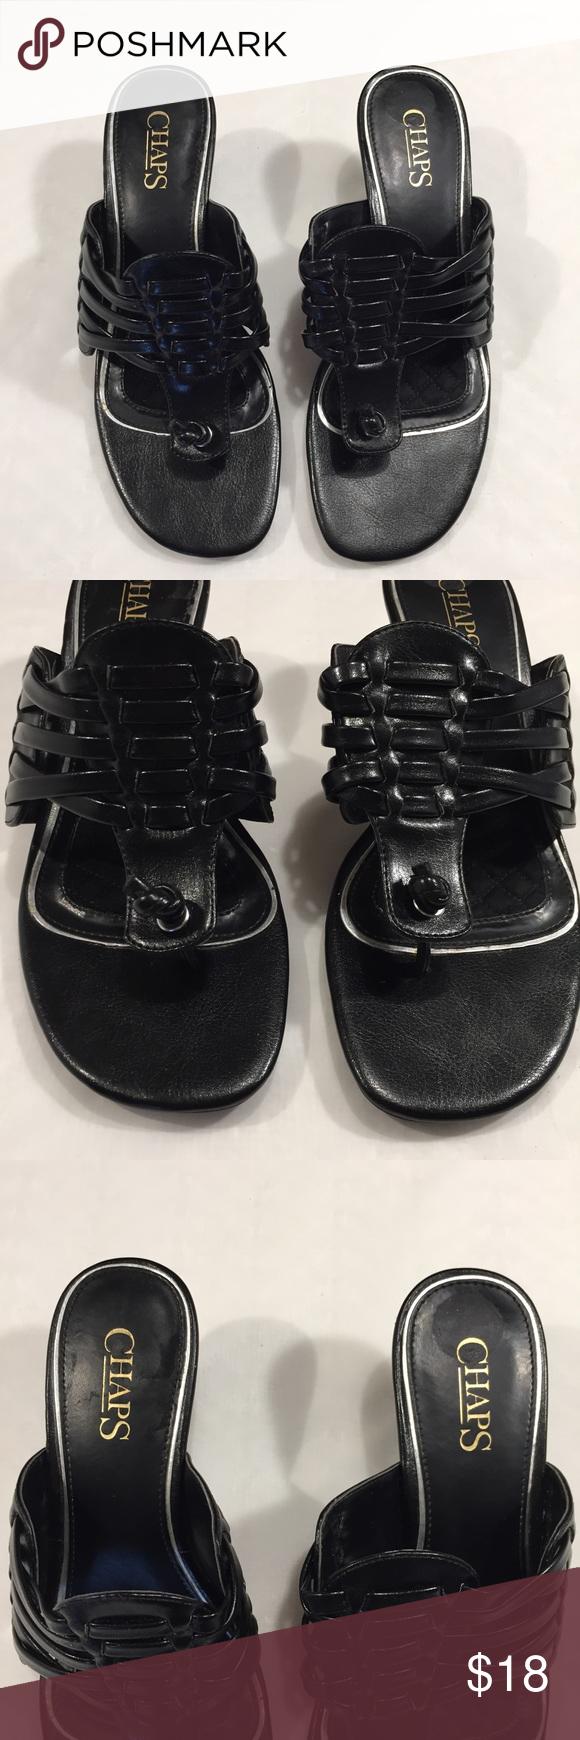 Black sandals size 7 - Chaps Black Sandals Size 7 B Z Chaps Shoes Sandals